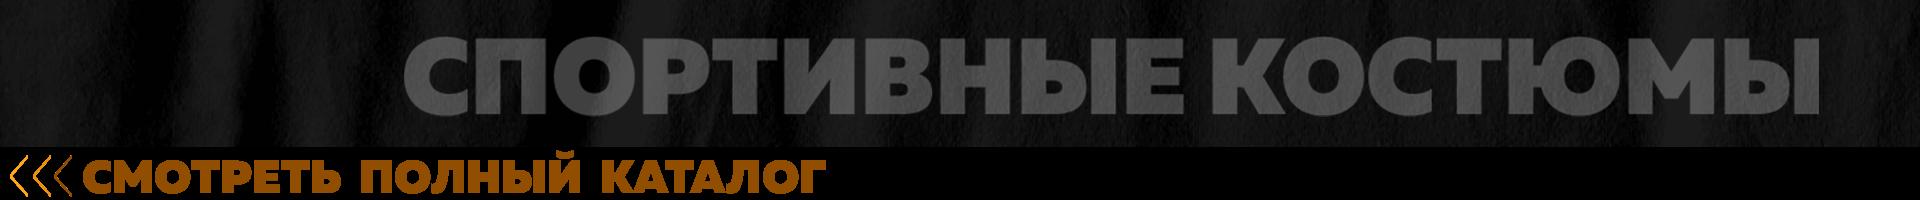 Перейти из магазина мужских спортивных костюмов Воронеж в полный каталог.